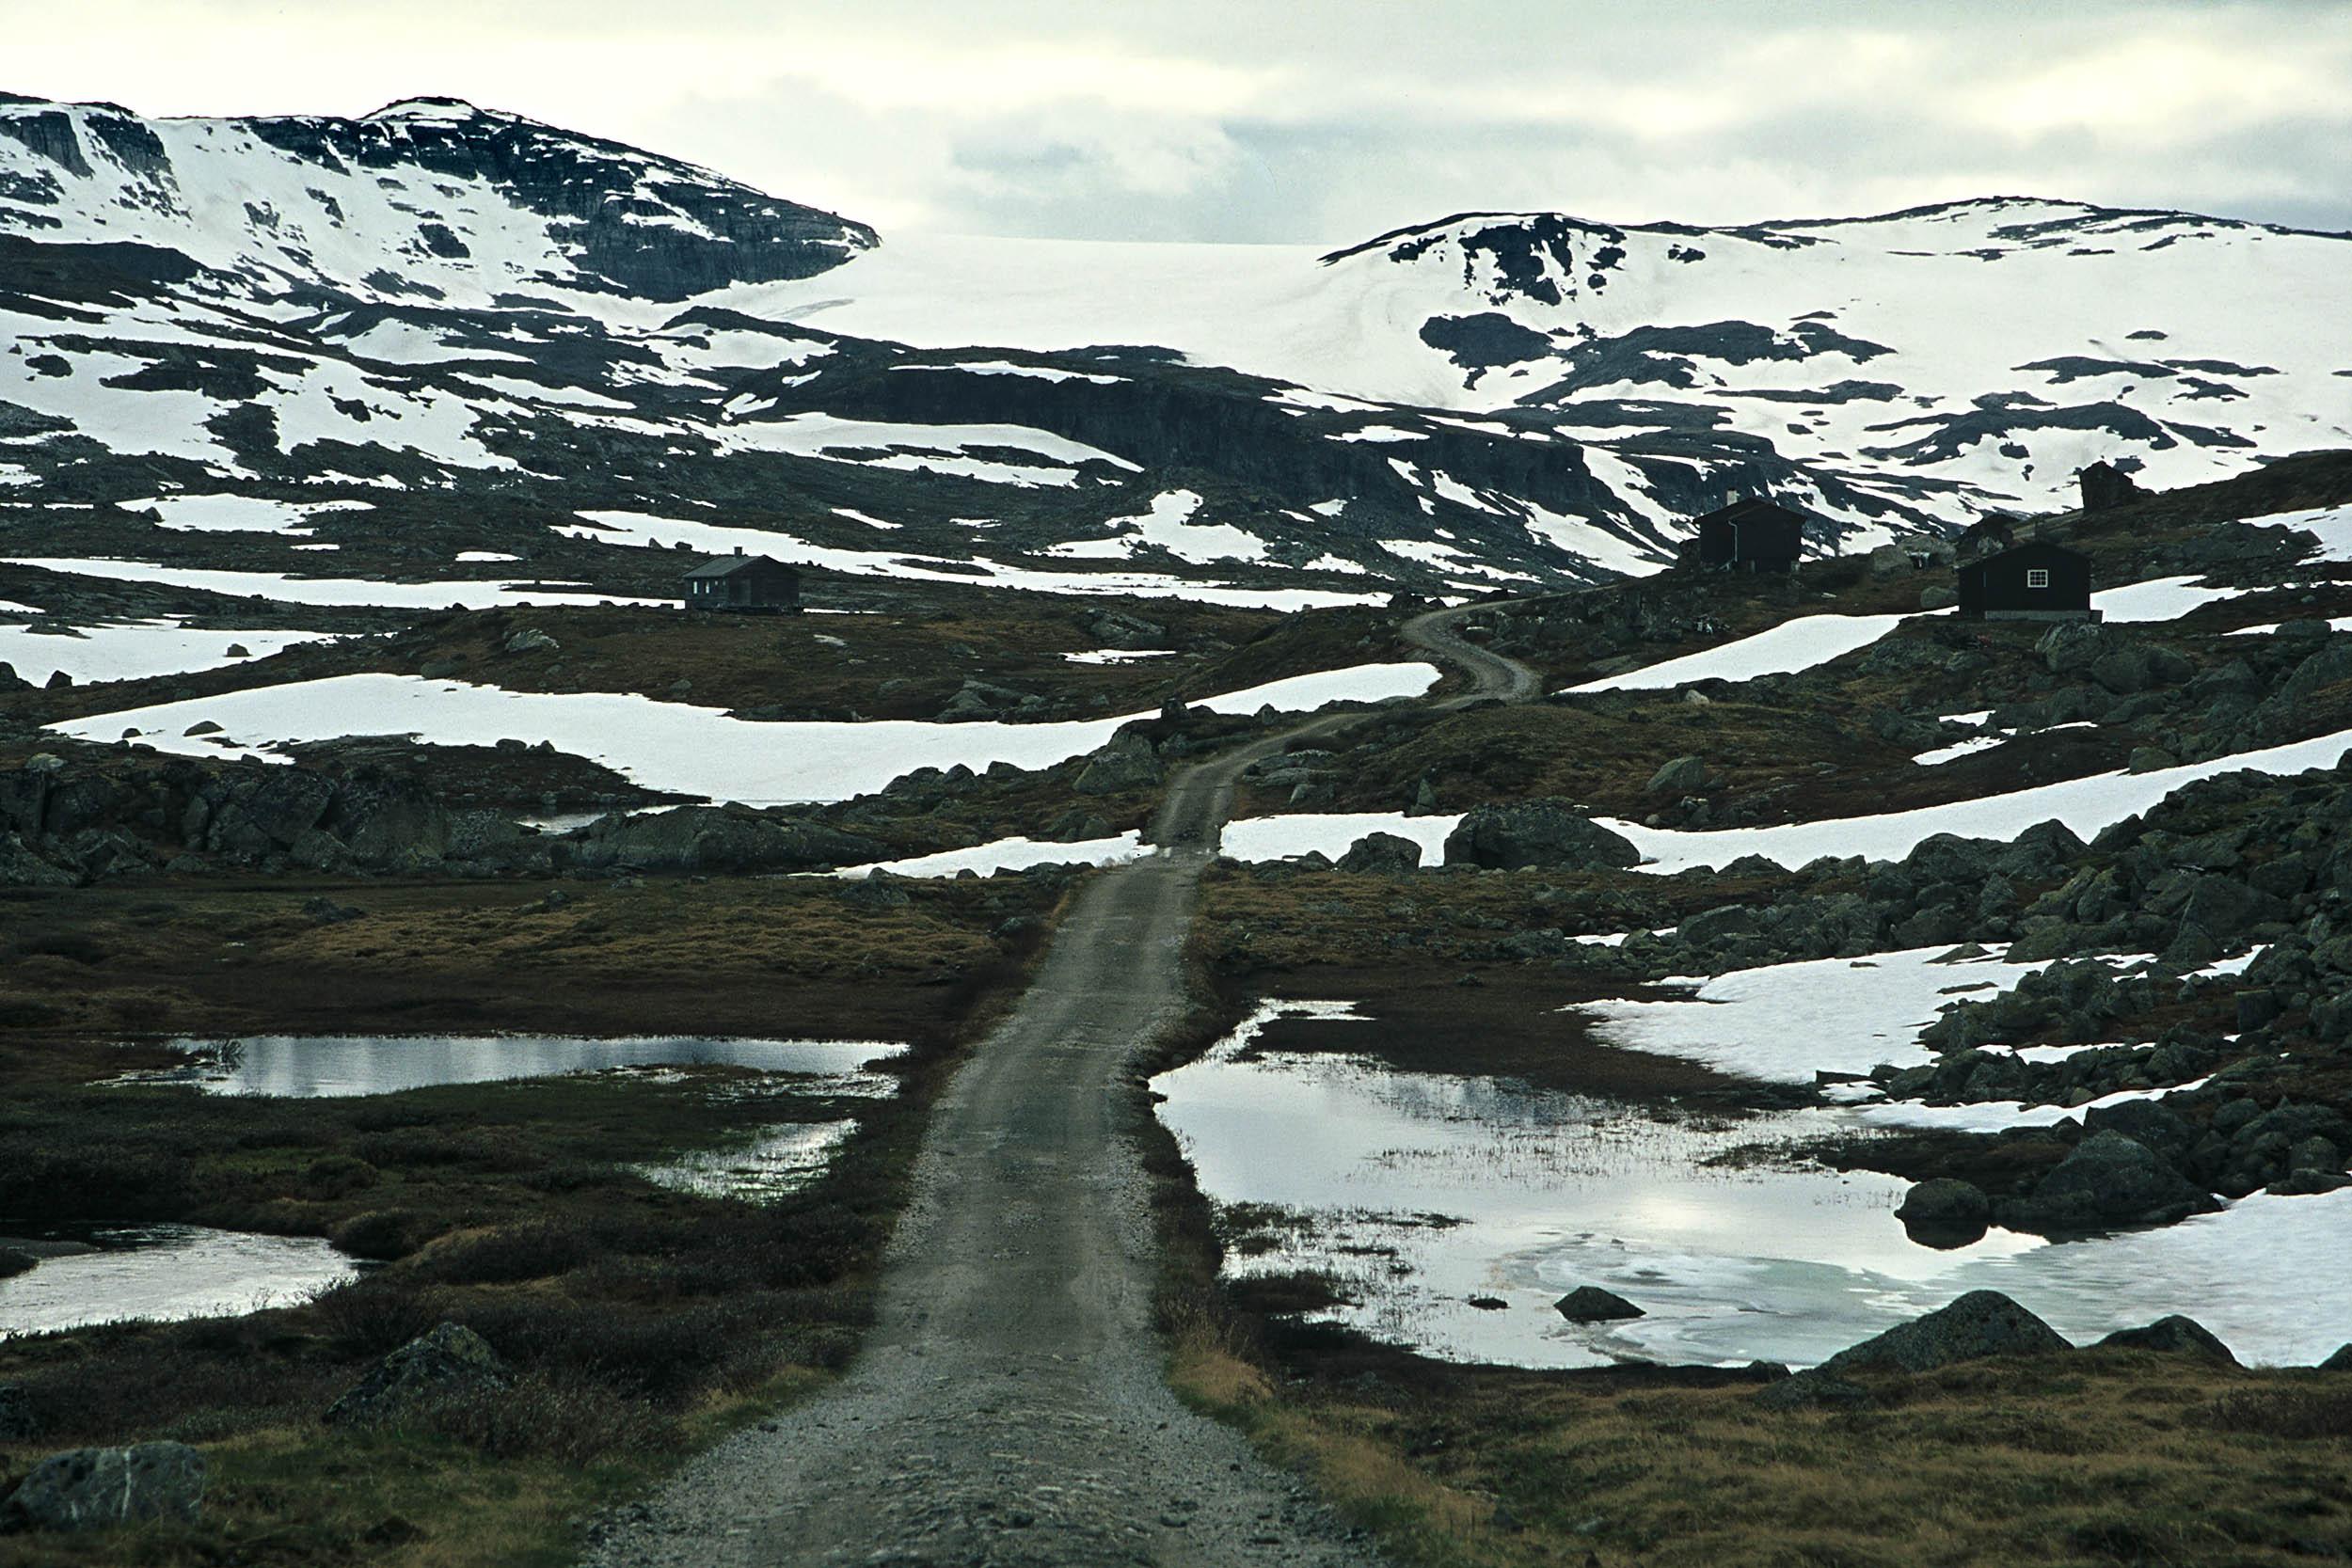 norwegen-rallarvegen-1